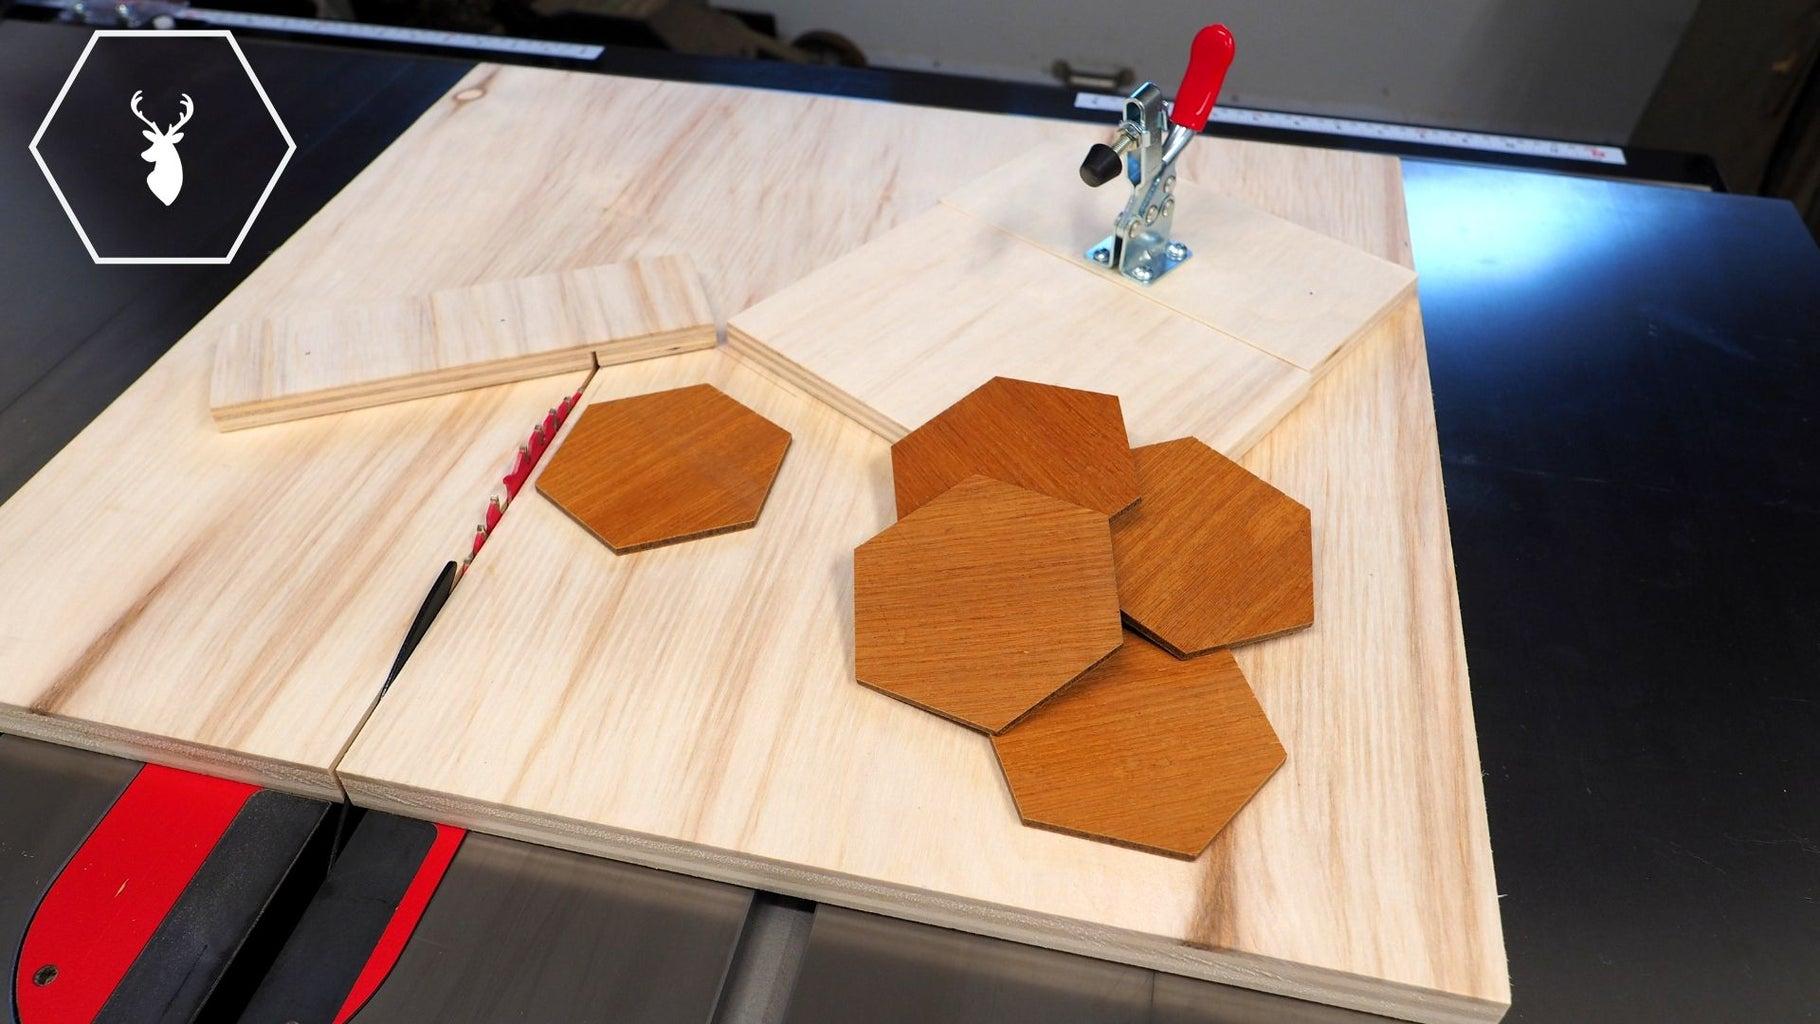 Hexagon Jig